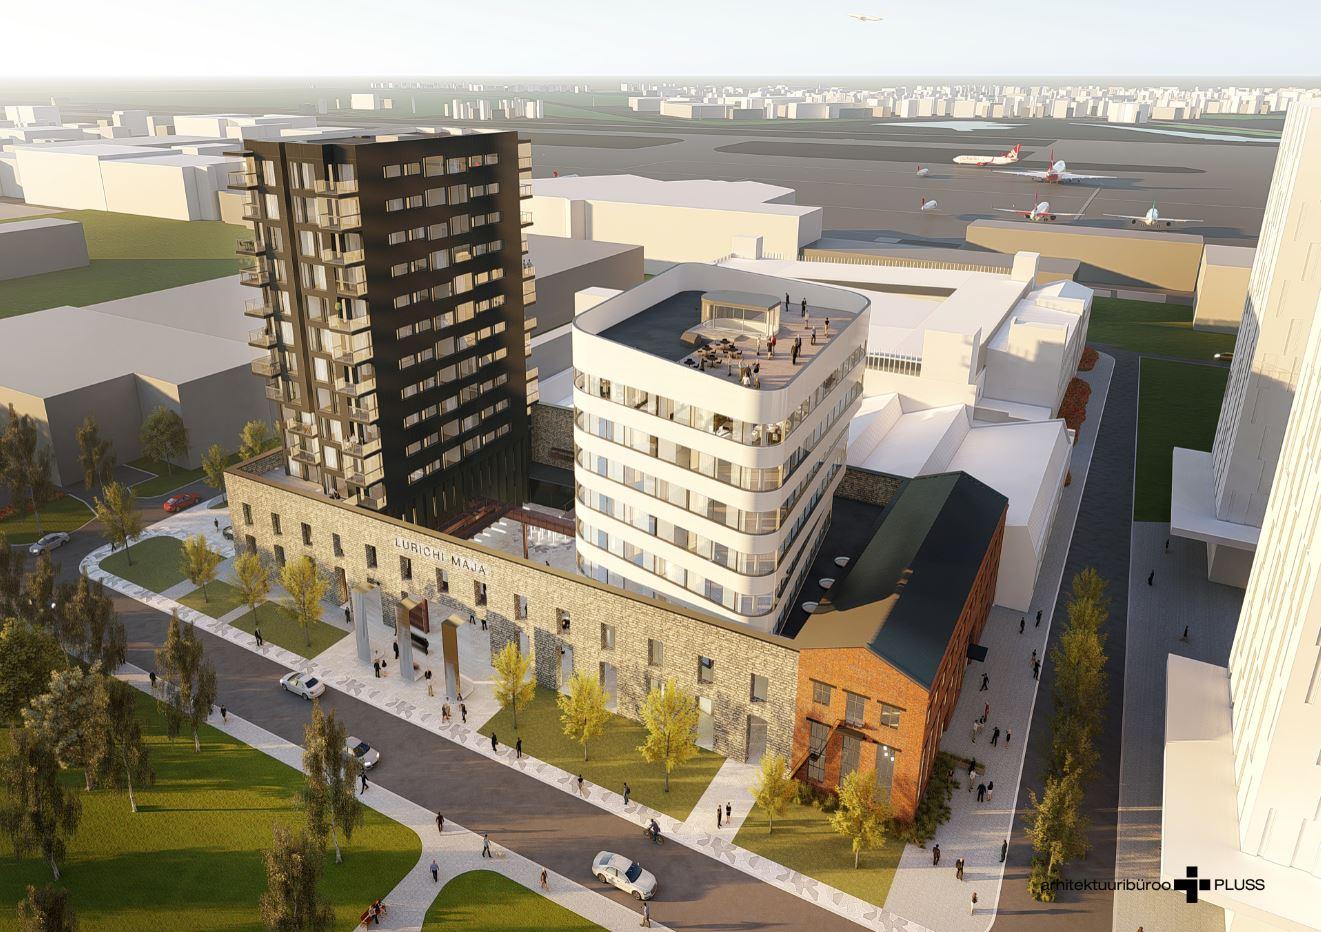 Ülemiste City arendaja võttis linnaku esimeste kodude rajamiseks üle 10 miljoni laenu